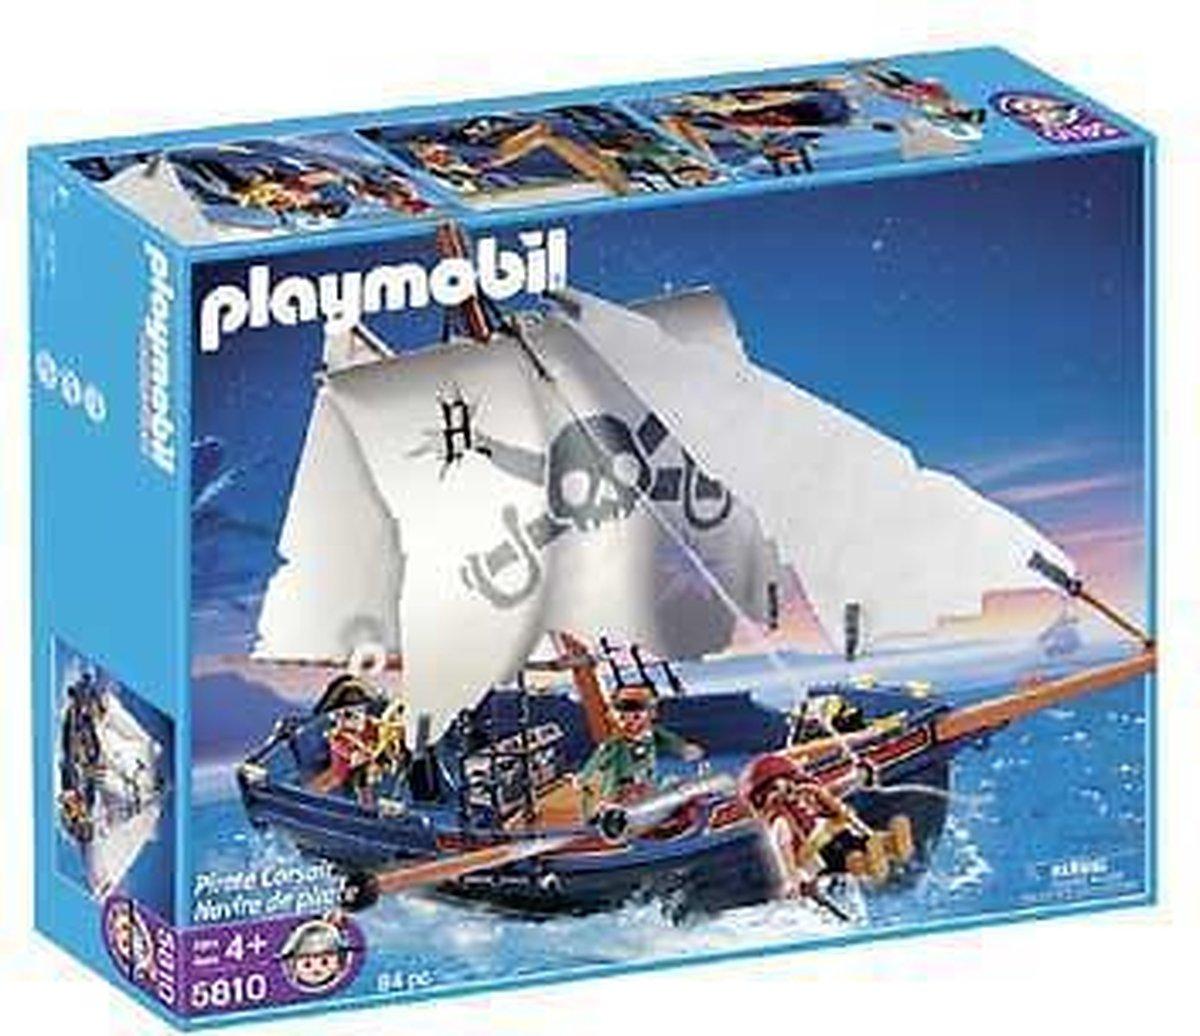 Playmobil Blauwbaard Piratenschip